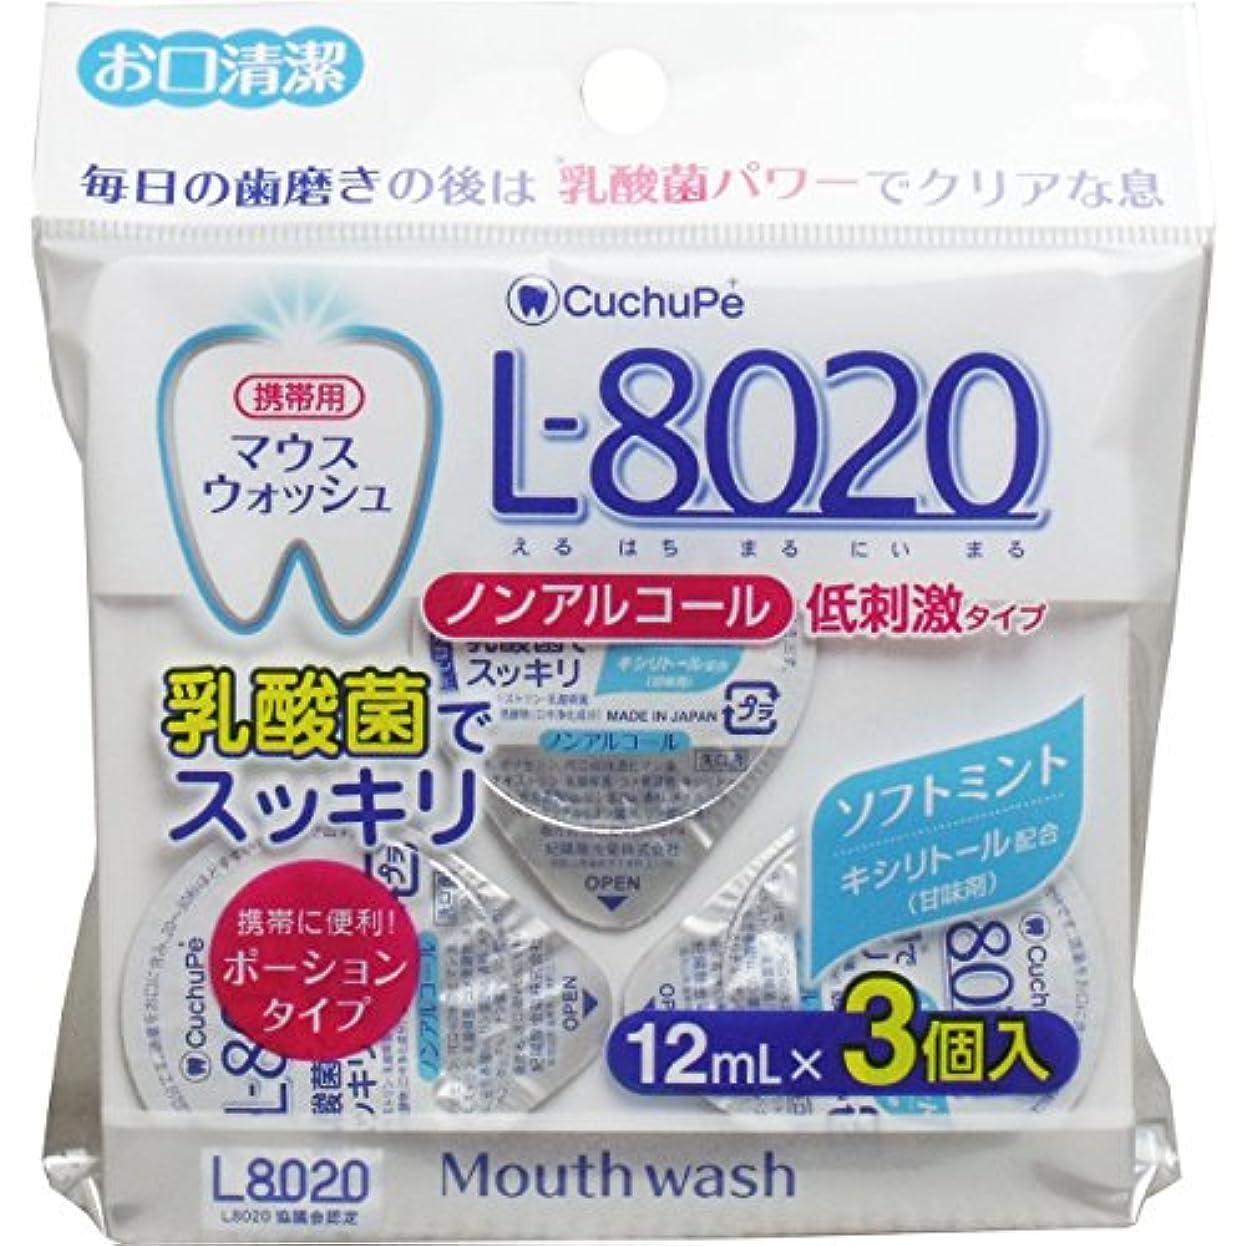 物思いにふけるデュアル人形クチュッペ L-8020 マウスウォッシュ ソフトミント ポーションタイプ 3個入 紀陽除虫菊